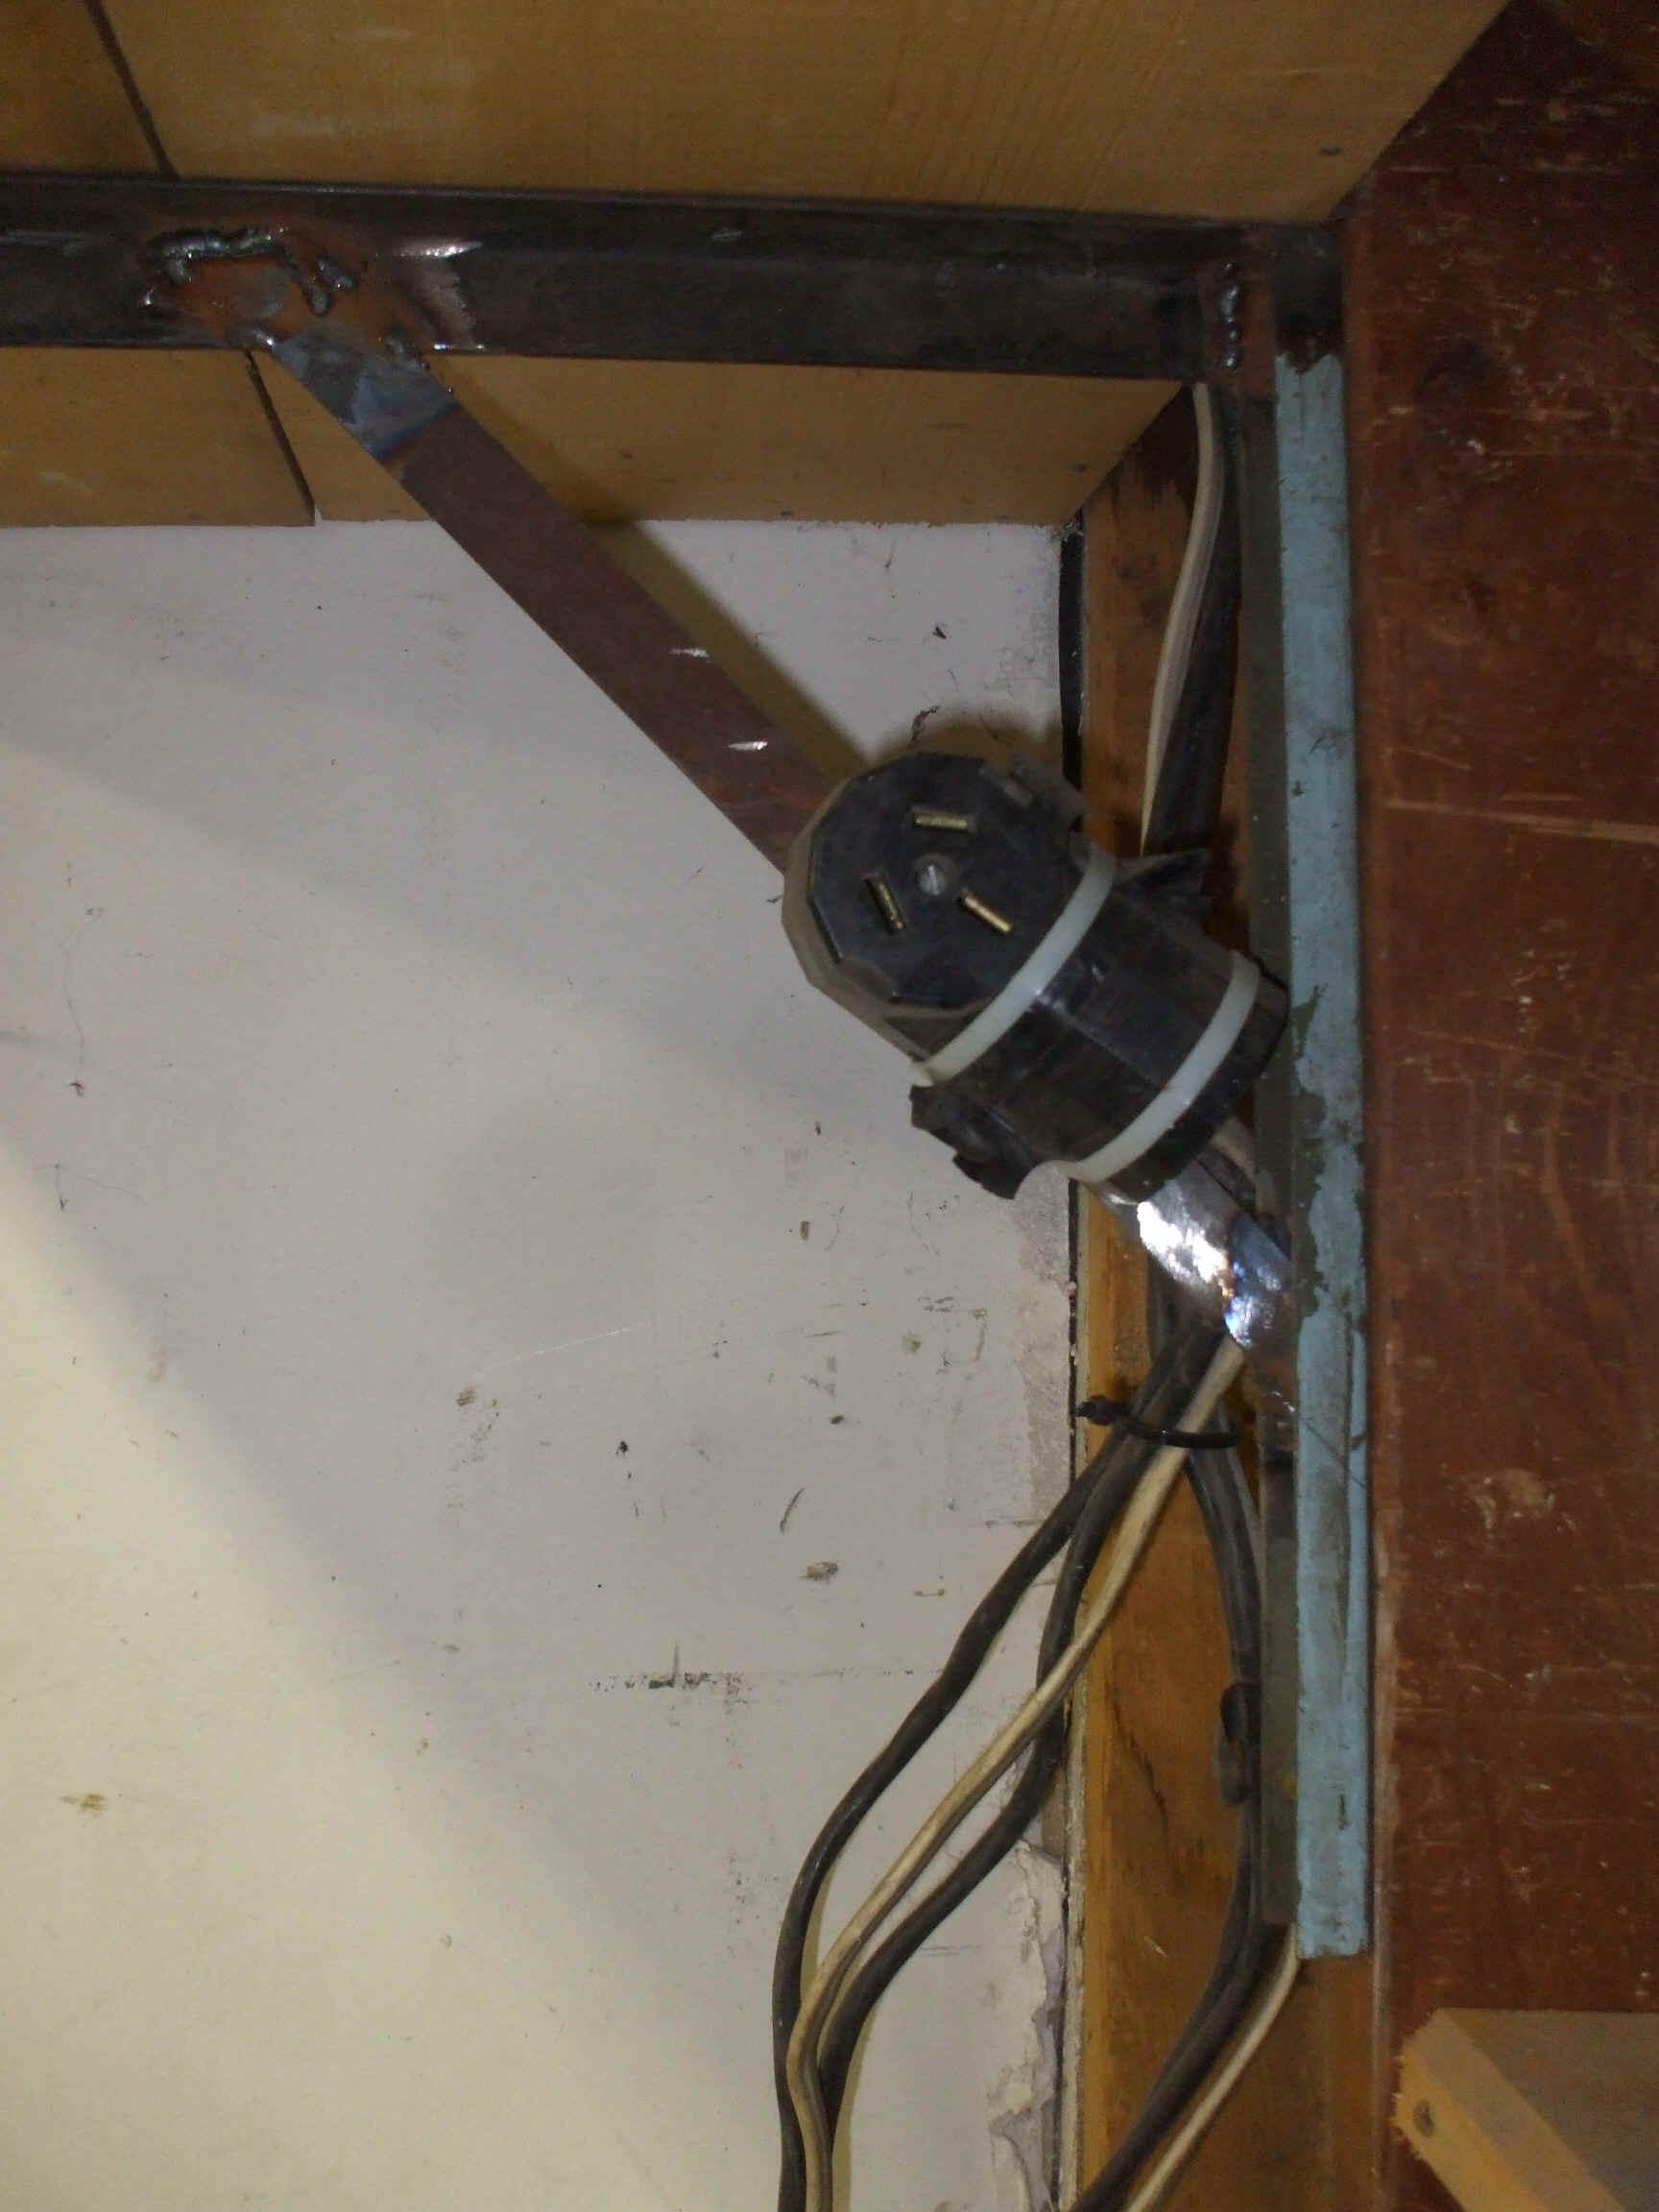 How to fool a radon test - Dscf1050 Jpg 982830 Bytes